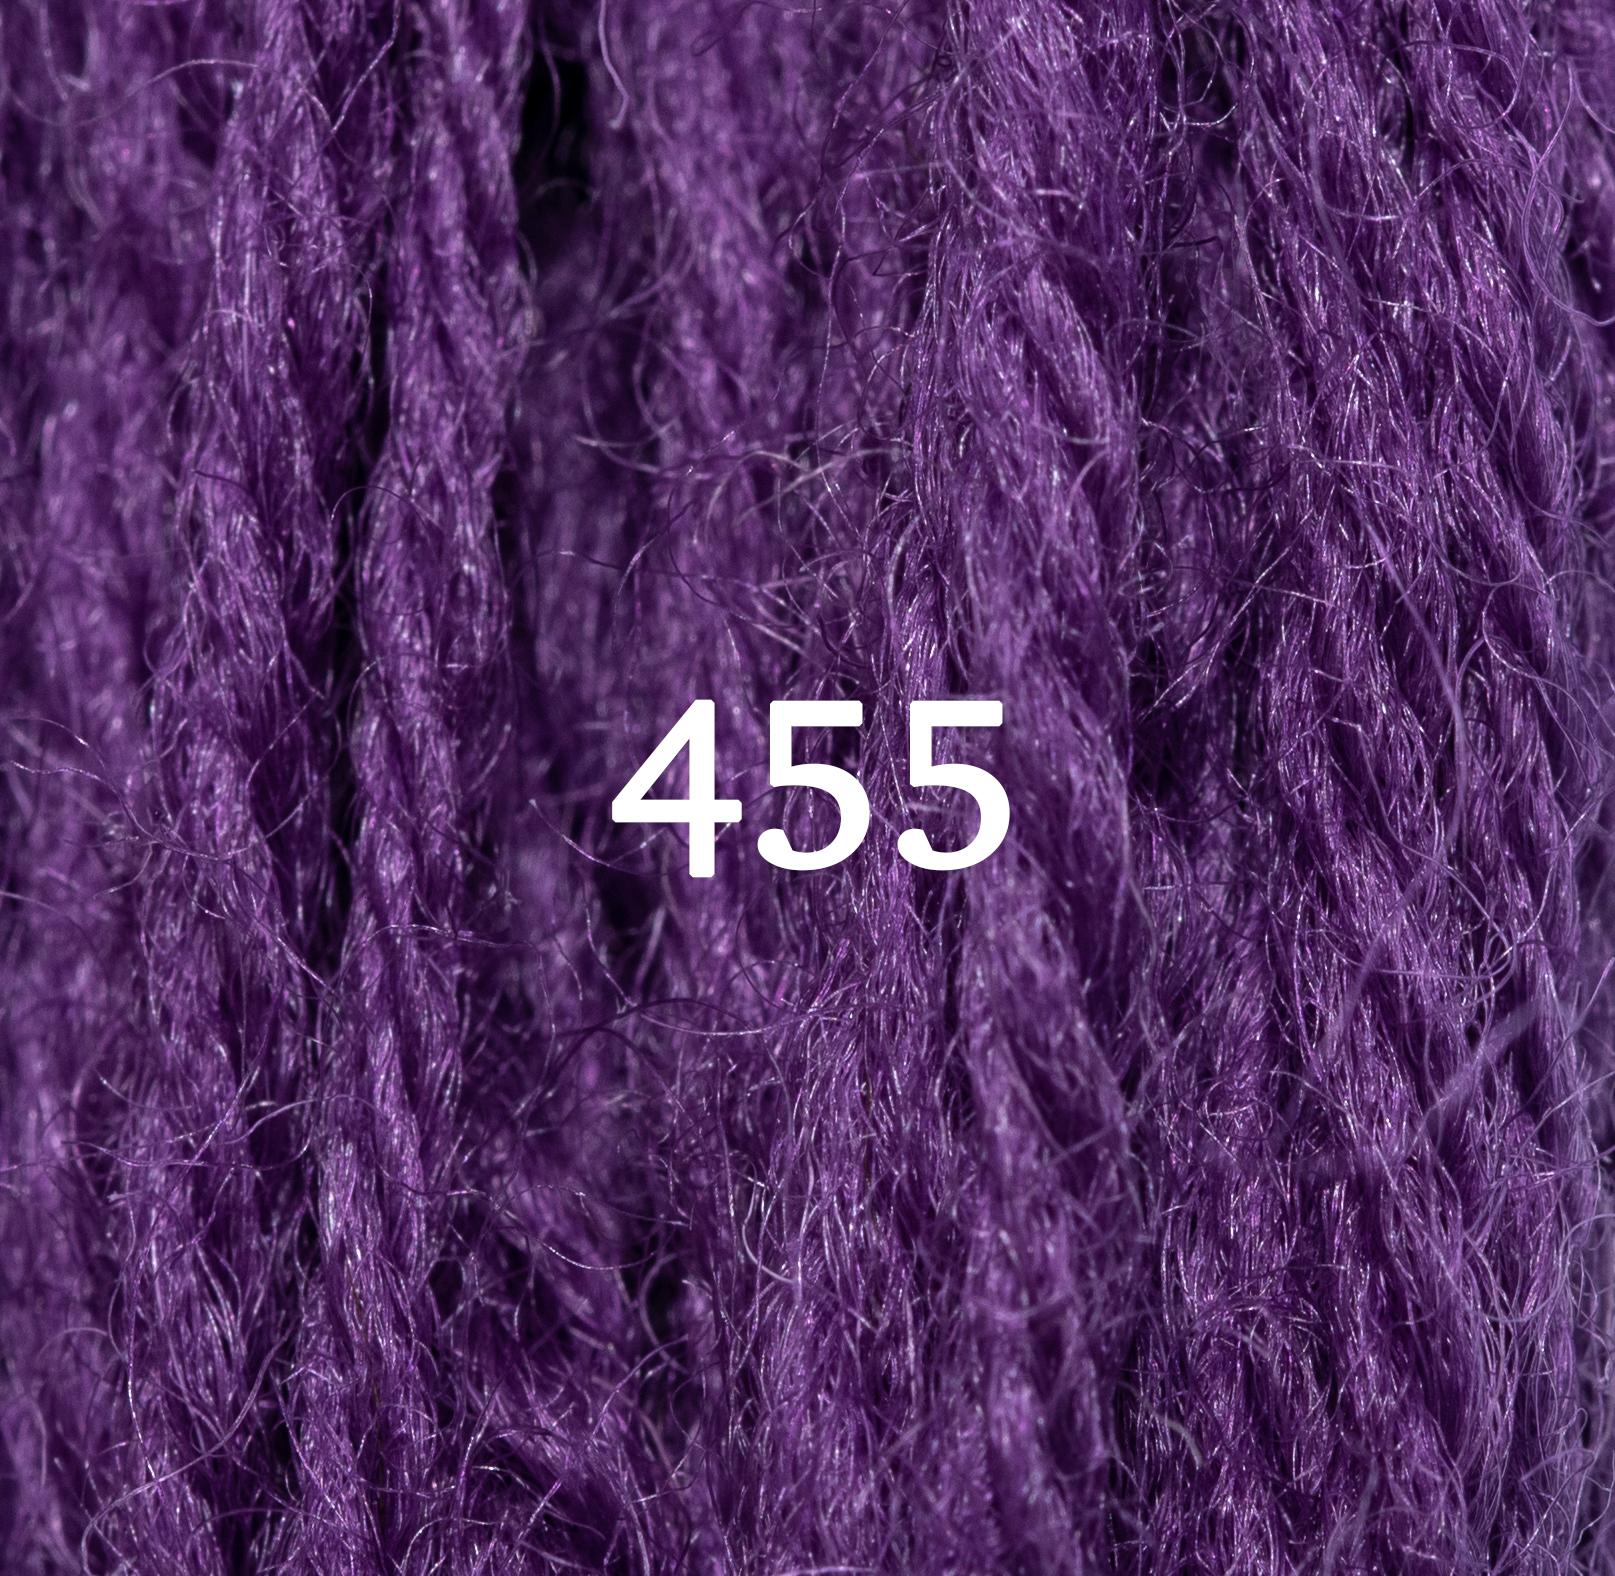 Bright-Mauve-455